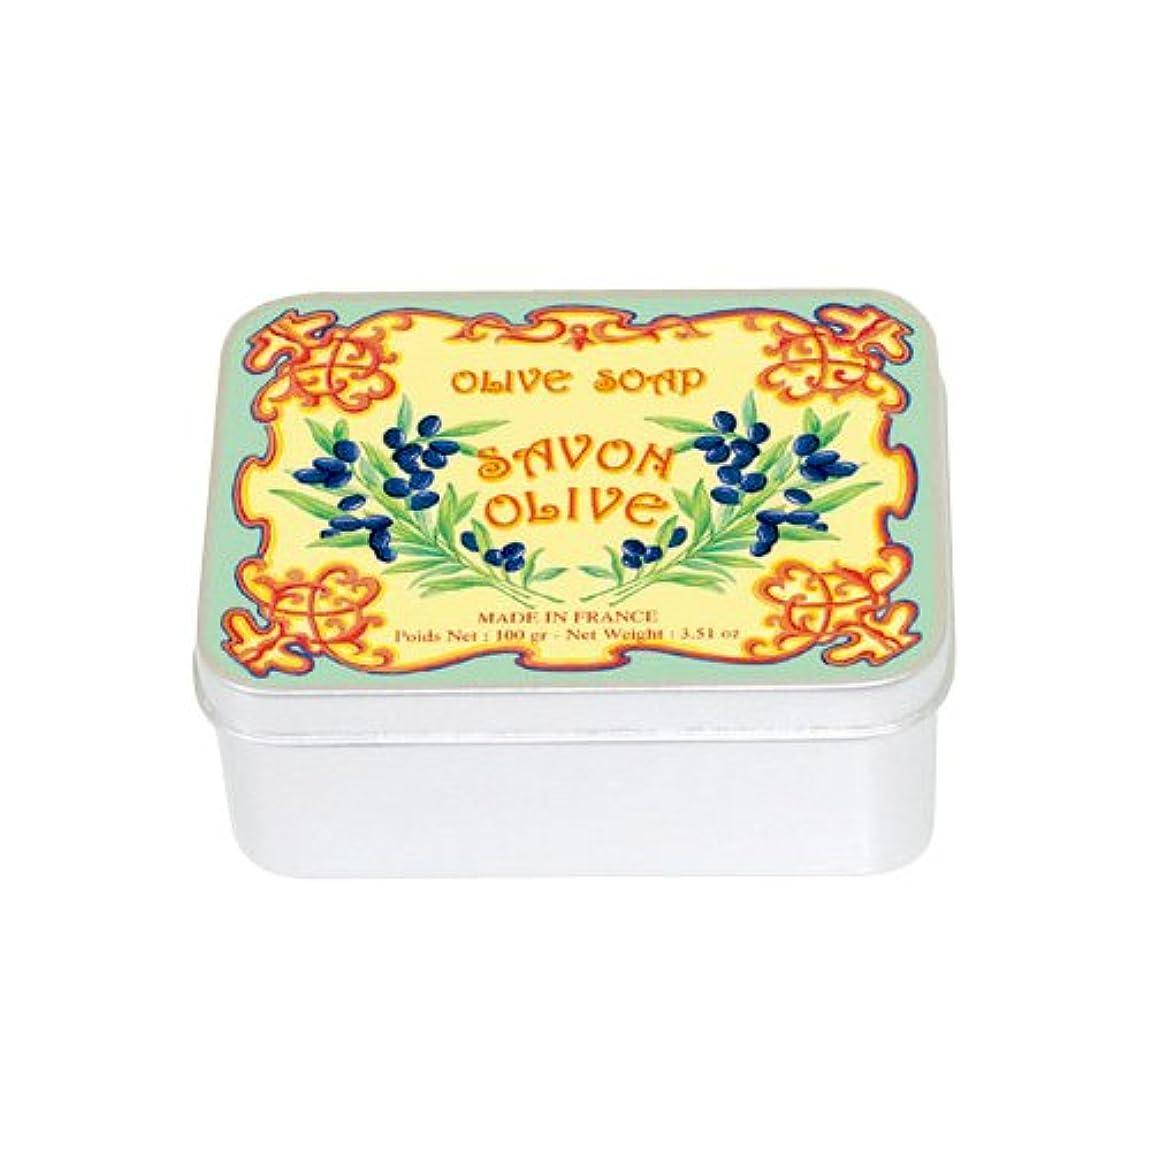 安心悪用雪だるまルブランソープ メタルボックス(オリーブの香り)石鹸